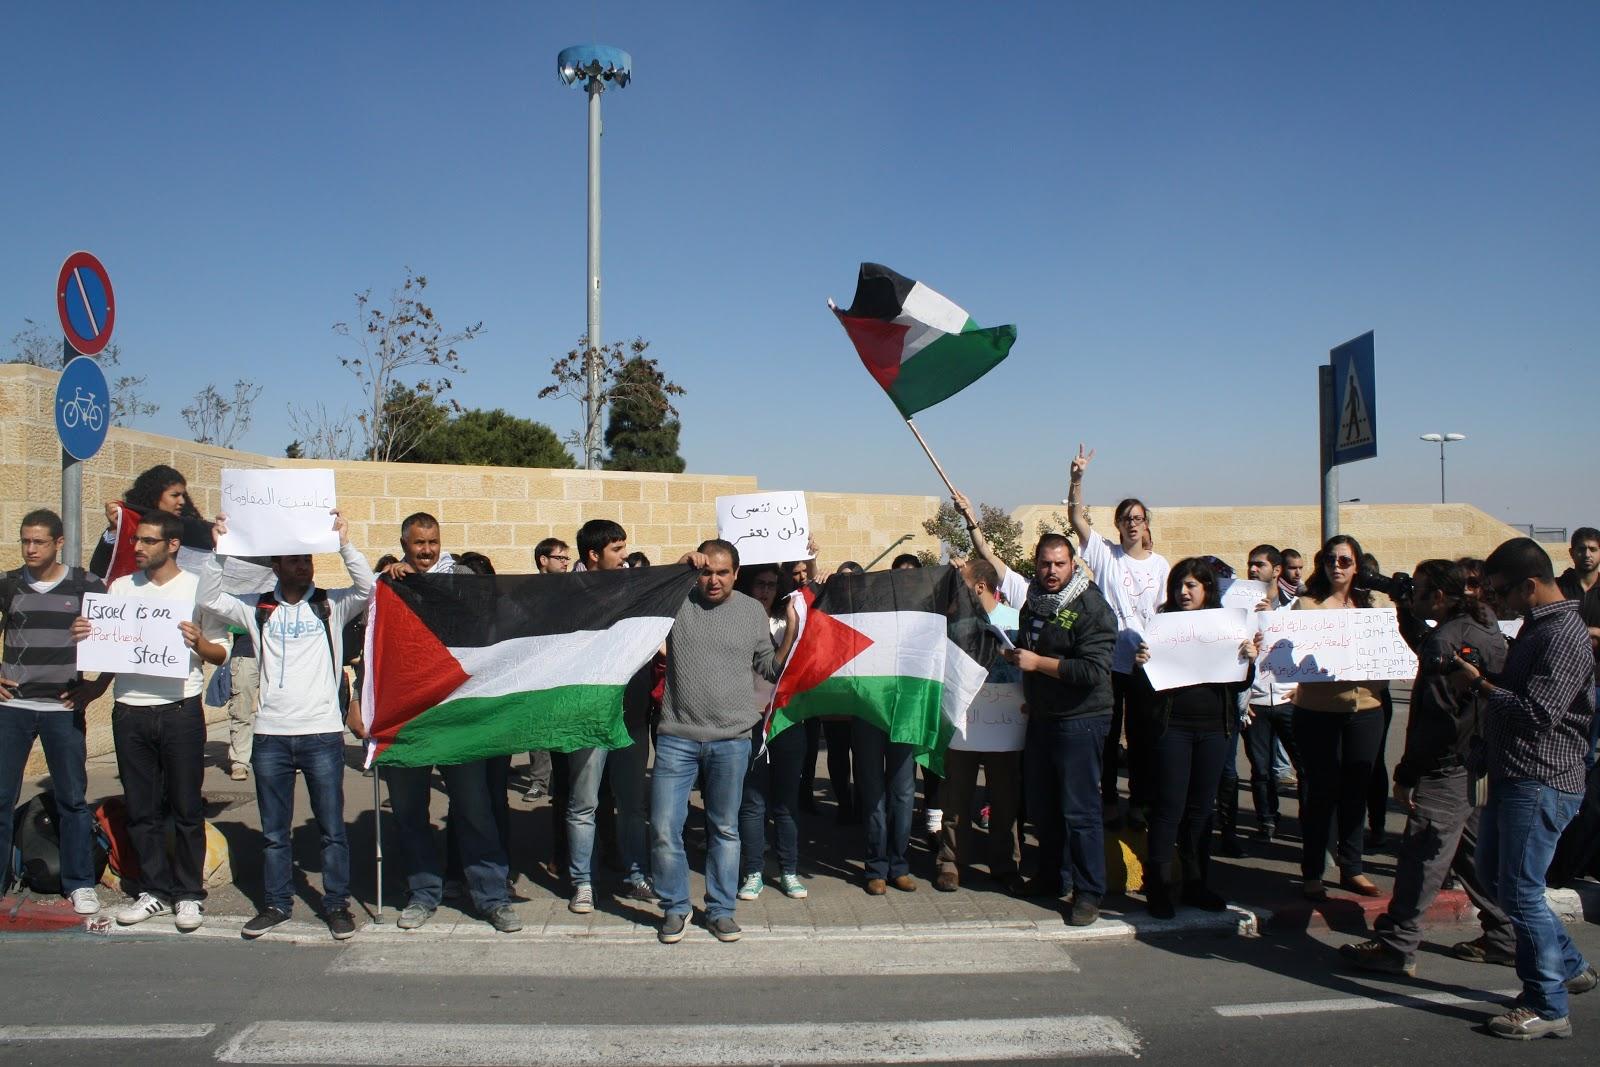 تنسيقية جامعة حيفا تستنكر منع سلطات الجامعة الطلاب العرب من احياء يوم الارض